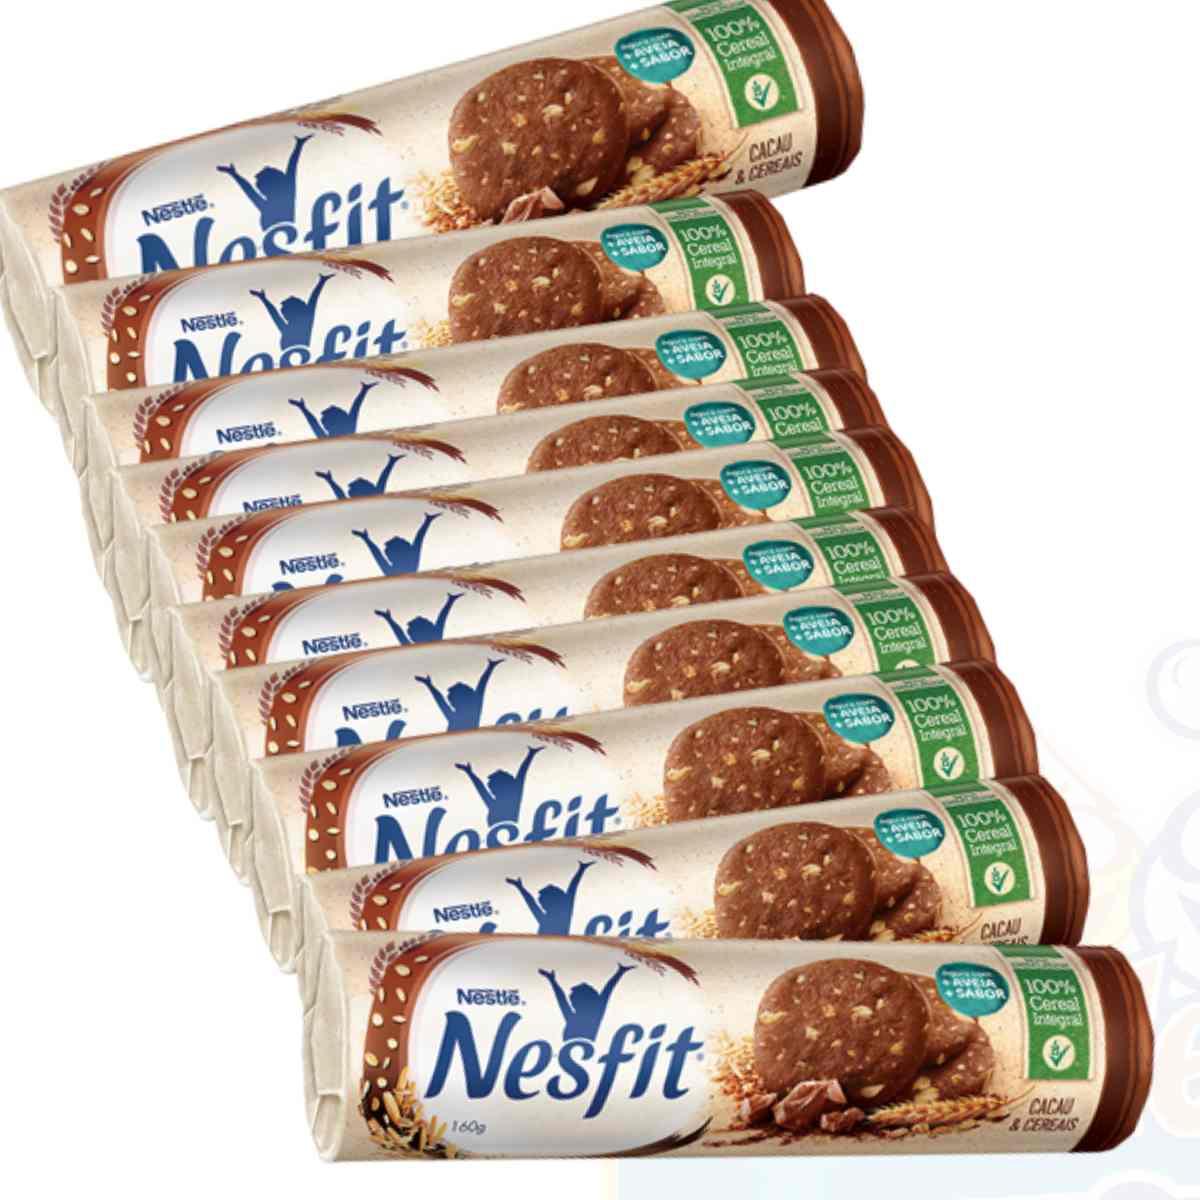 Biscoito Bolacha Nestif Cacau e Cereais 160g Nestle - KIT 10 unidades